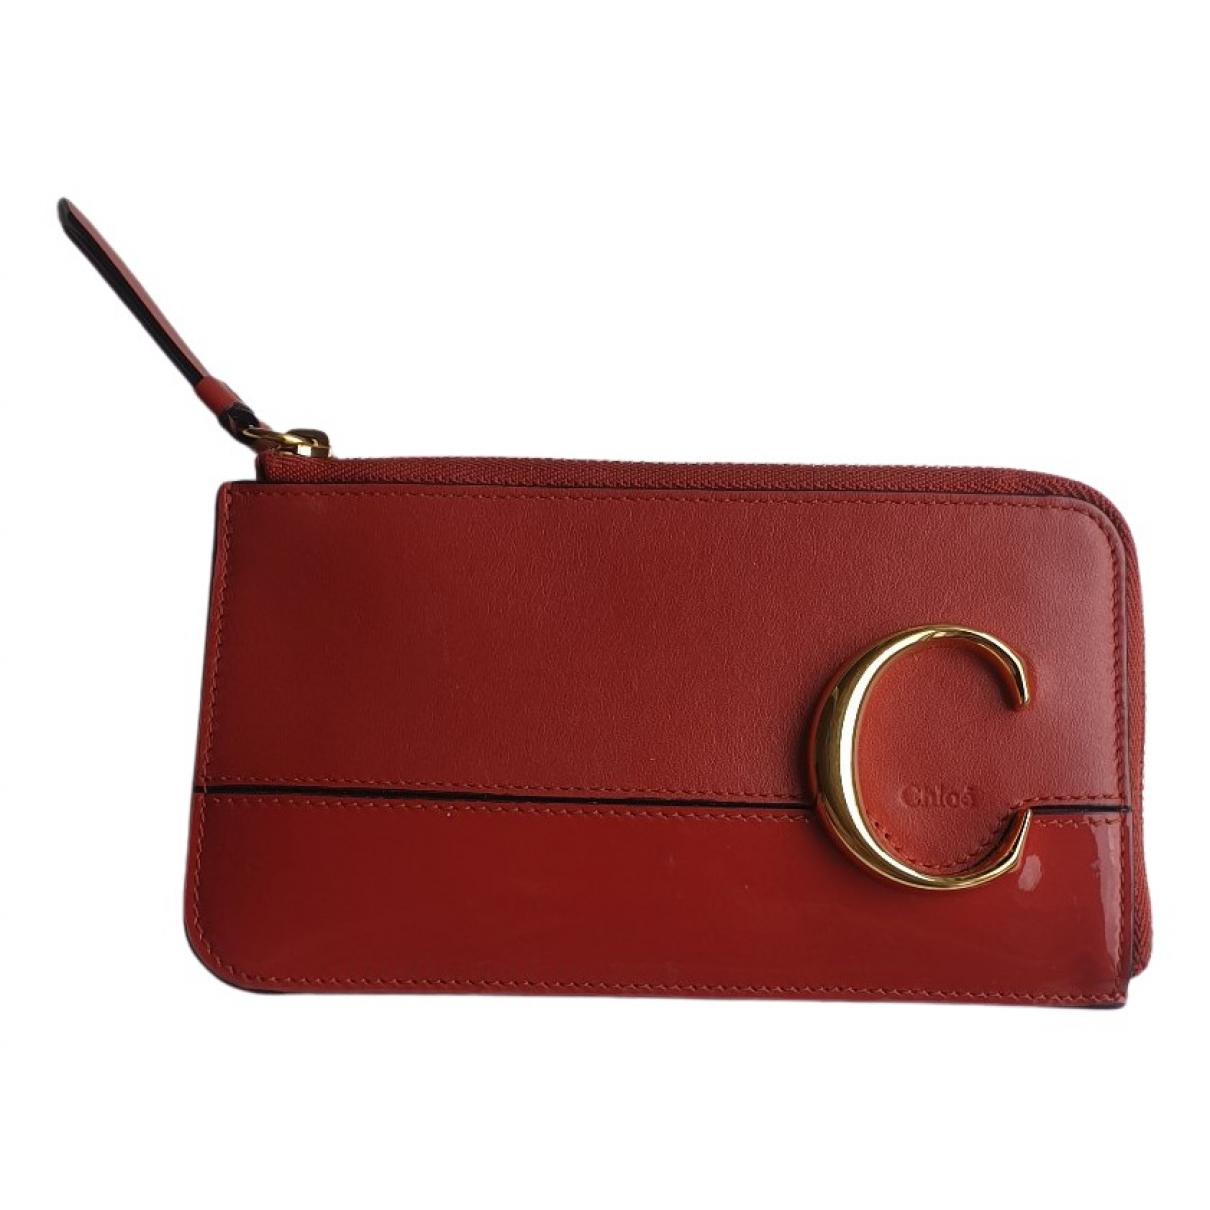 Chloe - Petite maroquinerie   pour femme en cuir - rouge